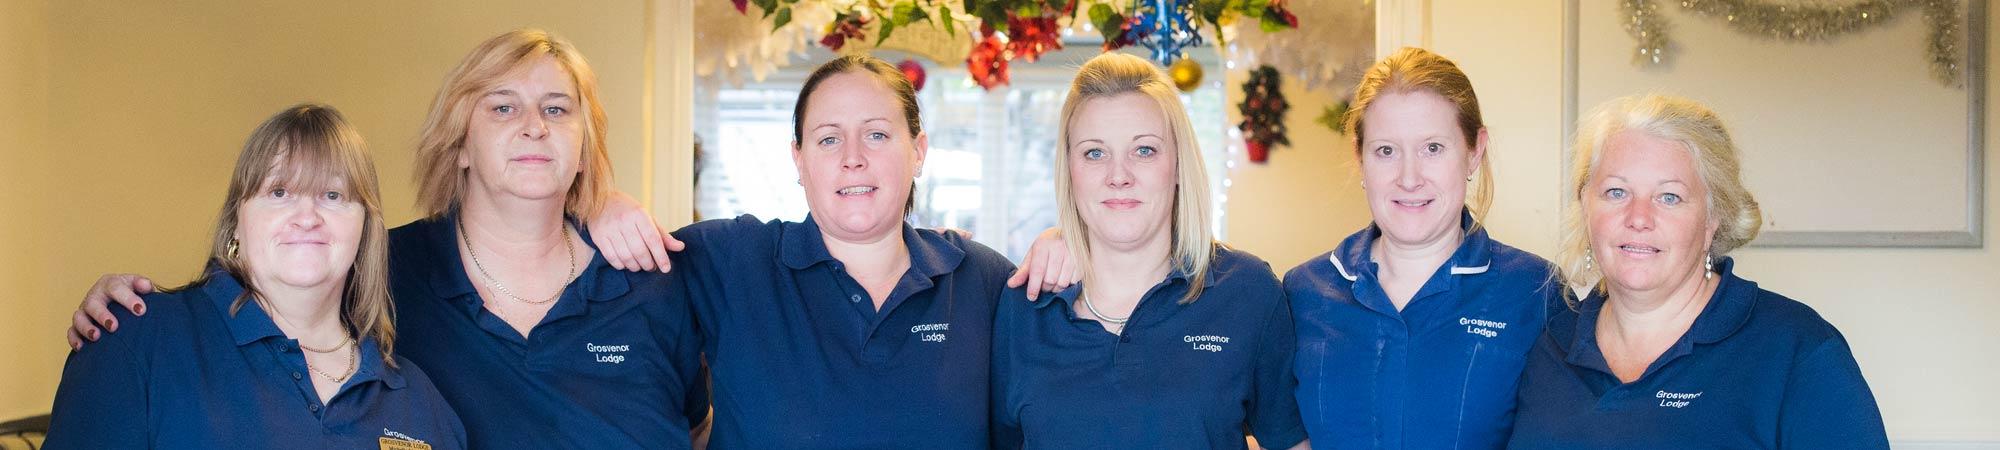 our nursing team - Grosvenor Lodge care home hove